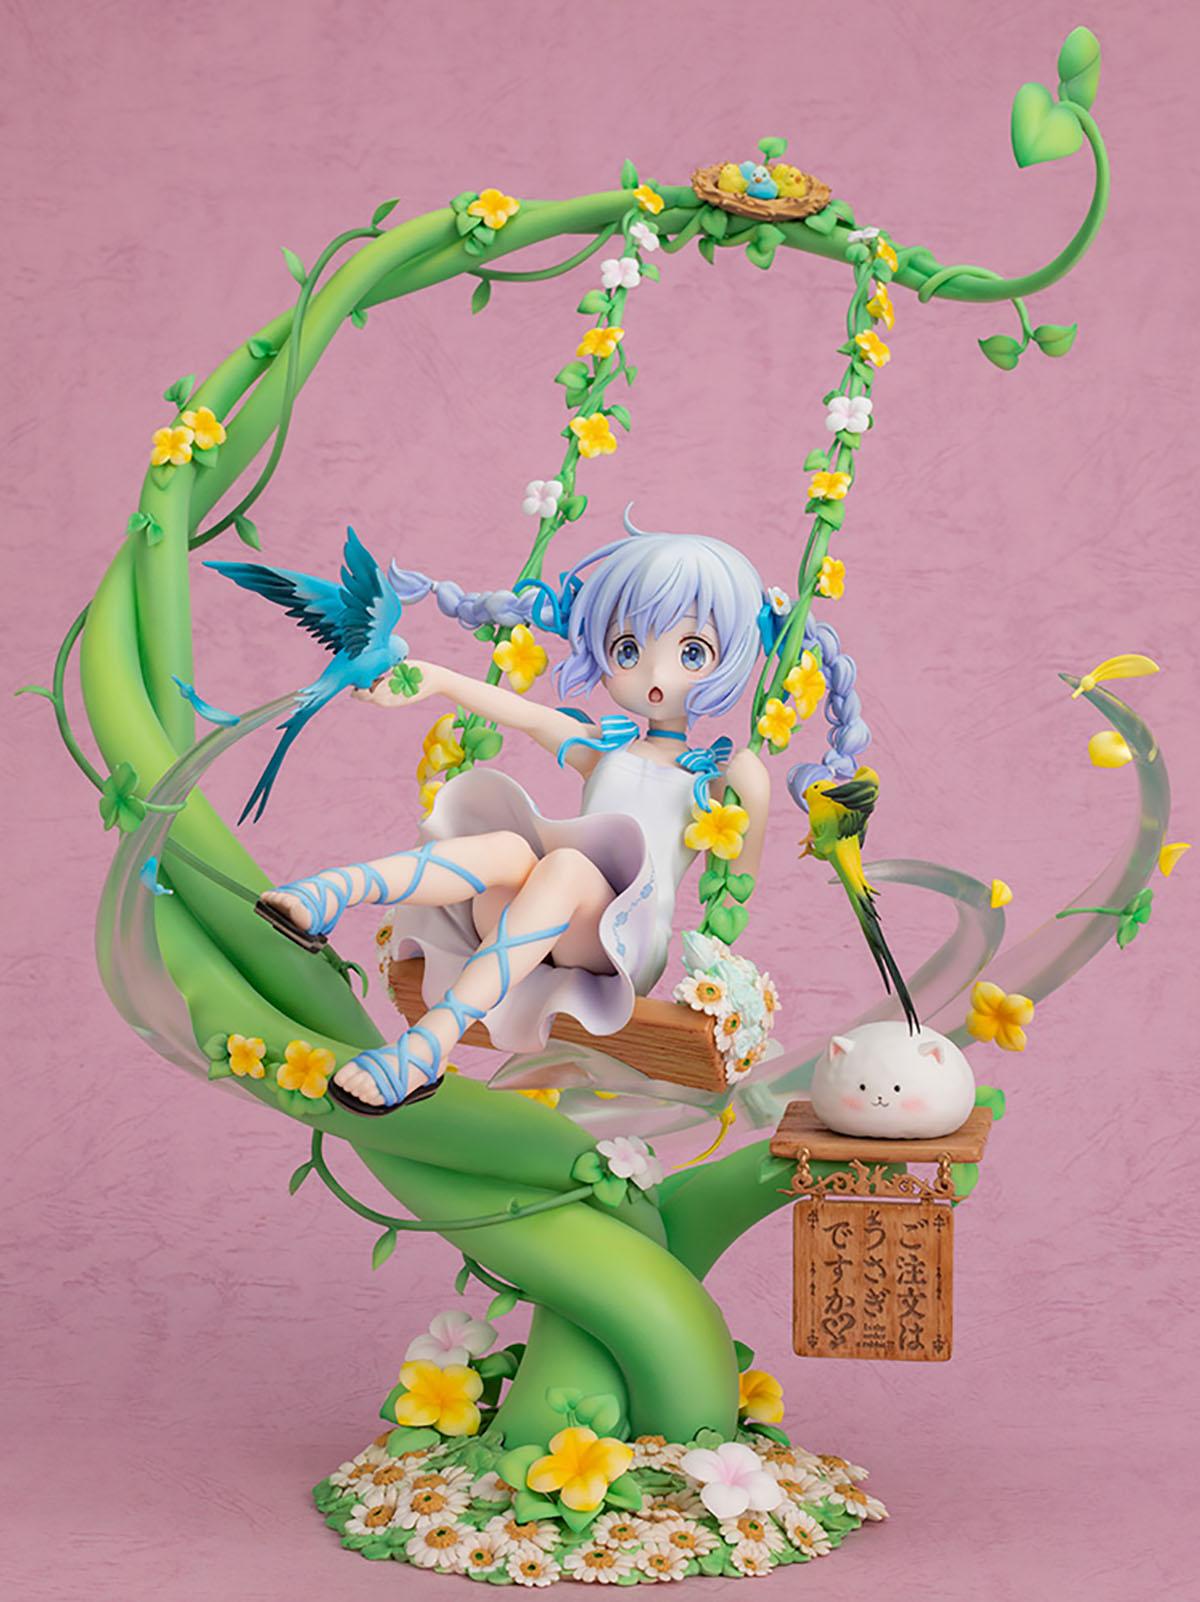 ご注文はうさぎですか??『チノ ~お花のブランコ~』1/7 完成品フィギュア-001